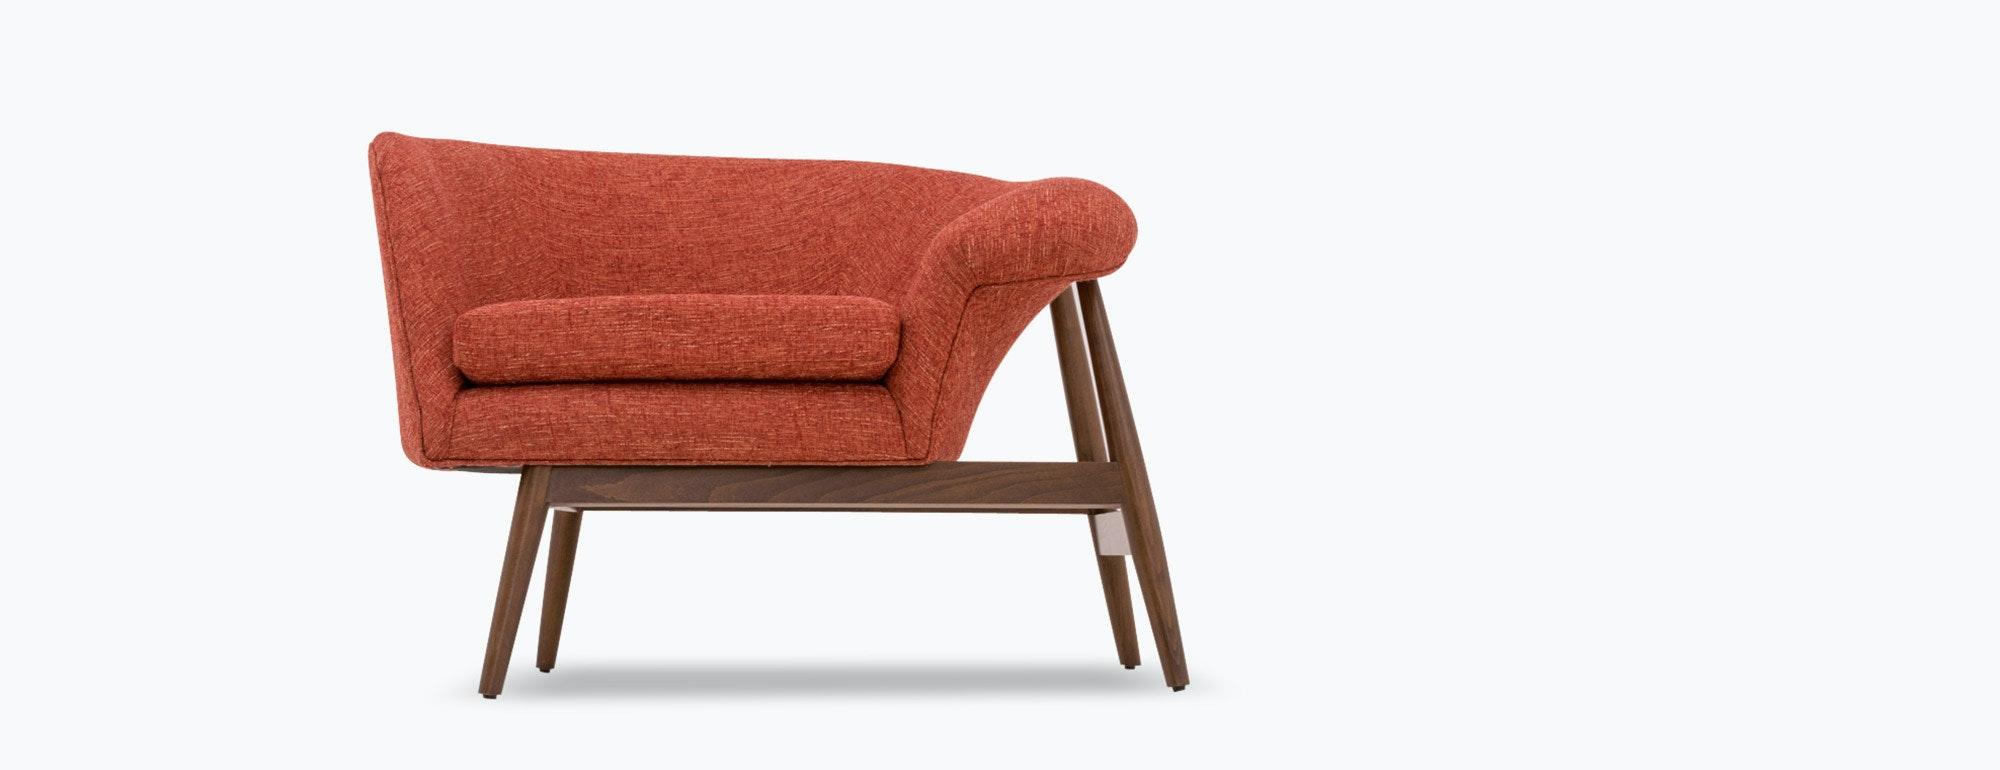 shown in Cordova Picante Fabric